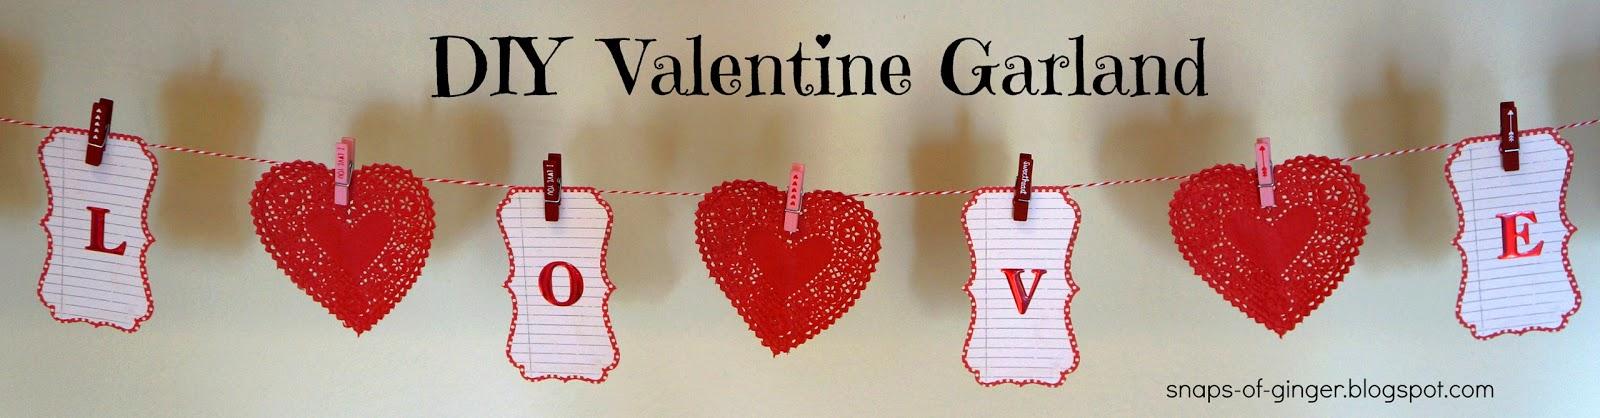 DIY Valentine Garland